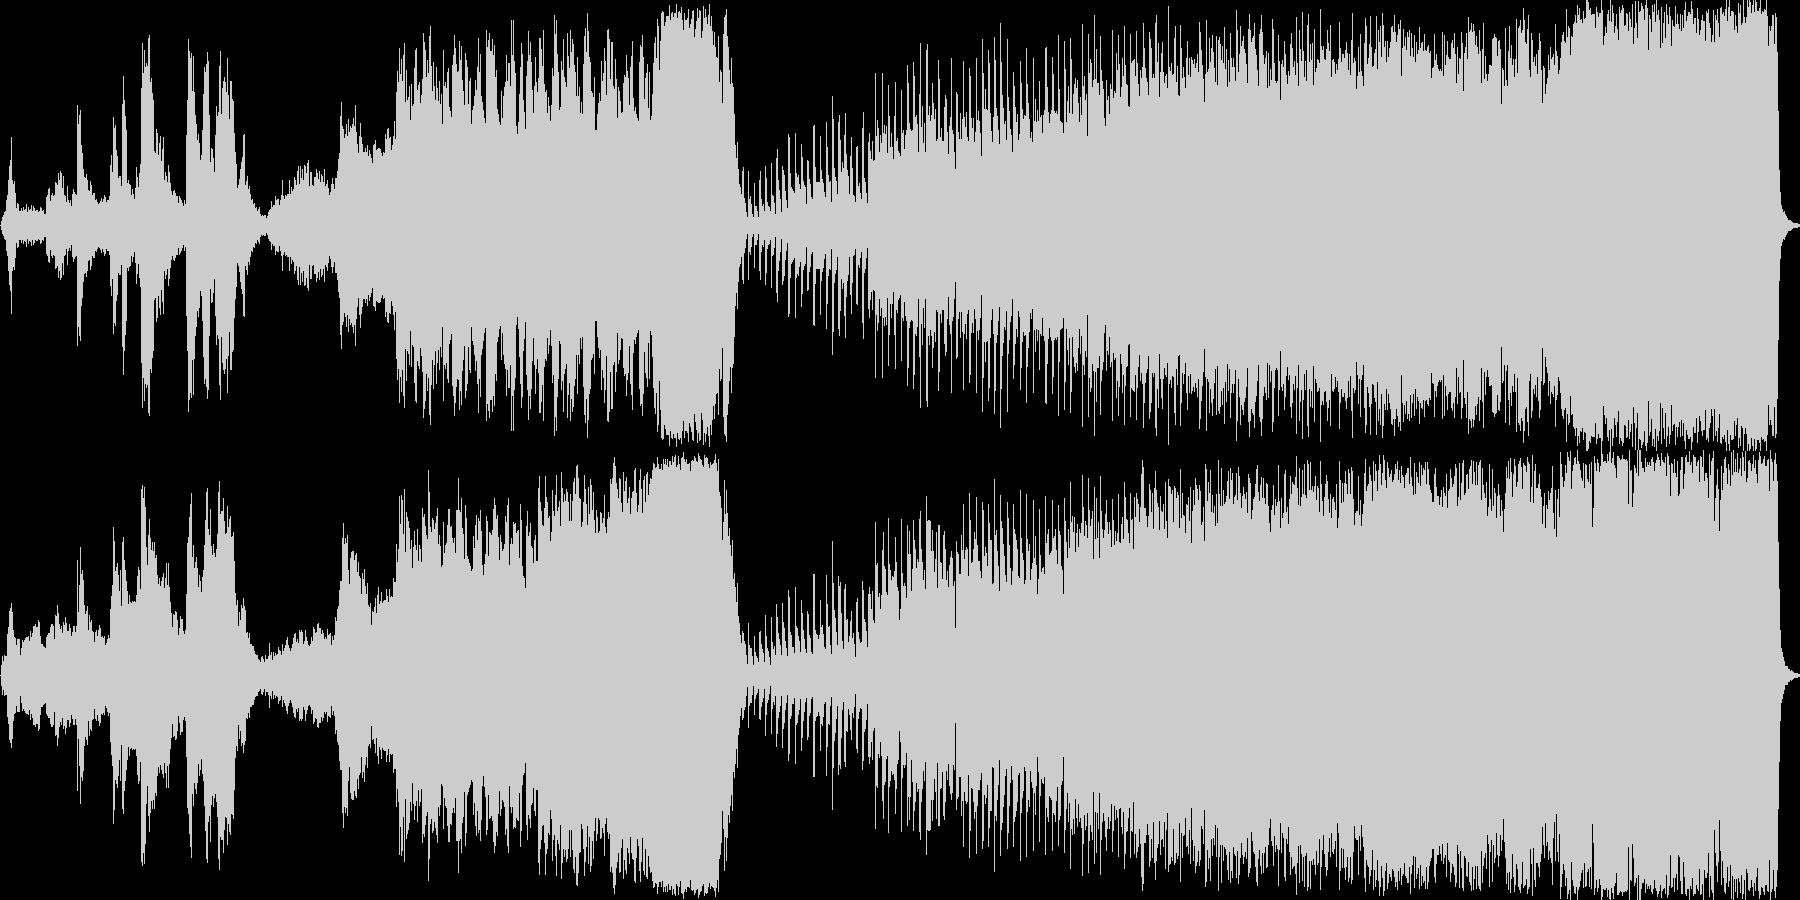 近未来的なSF調のシンセサイザー音楽の未再生の波形